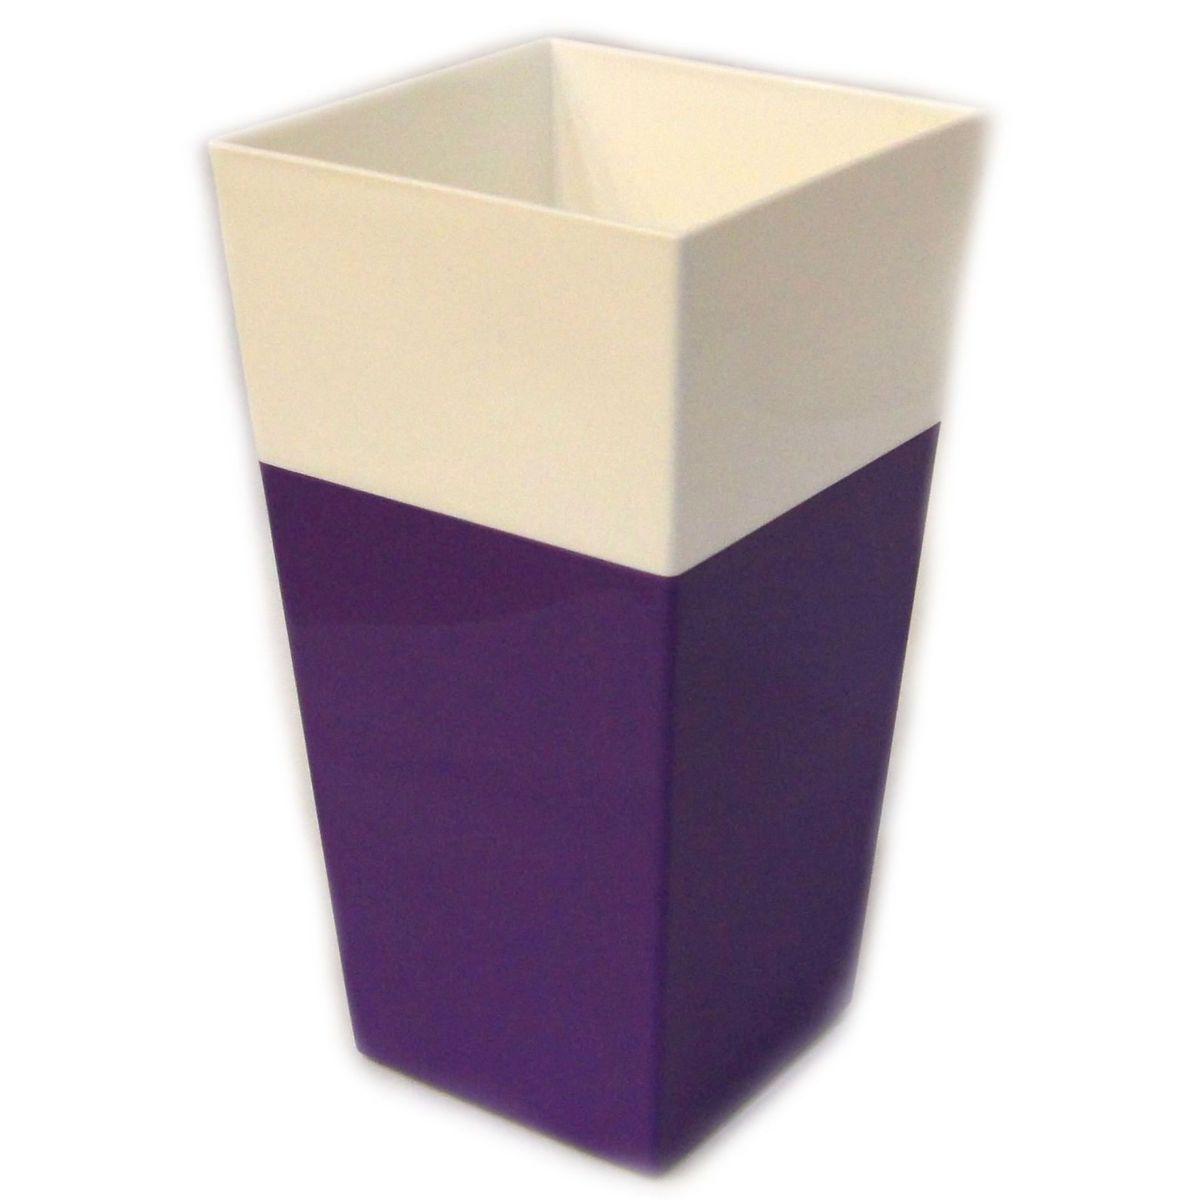 Кашпо JetPlast Дуэт, цвет: фиолетовый, белый, высота 34 смJL 40 SADКашпо имеет строгий дизайн и состоит из двух частей: верхней части для цветка и нижней – поддона. Конструкция горшка позволяет, при желании, использовать систему фитильного полива, снабдив горшок веревкой. Оно изготовлено из прочного полипропилена (пластика).Размеры кашпо: 18 х 18 х 34 см.